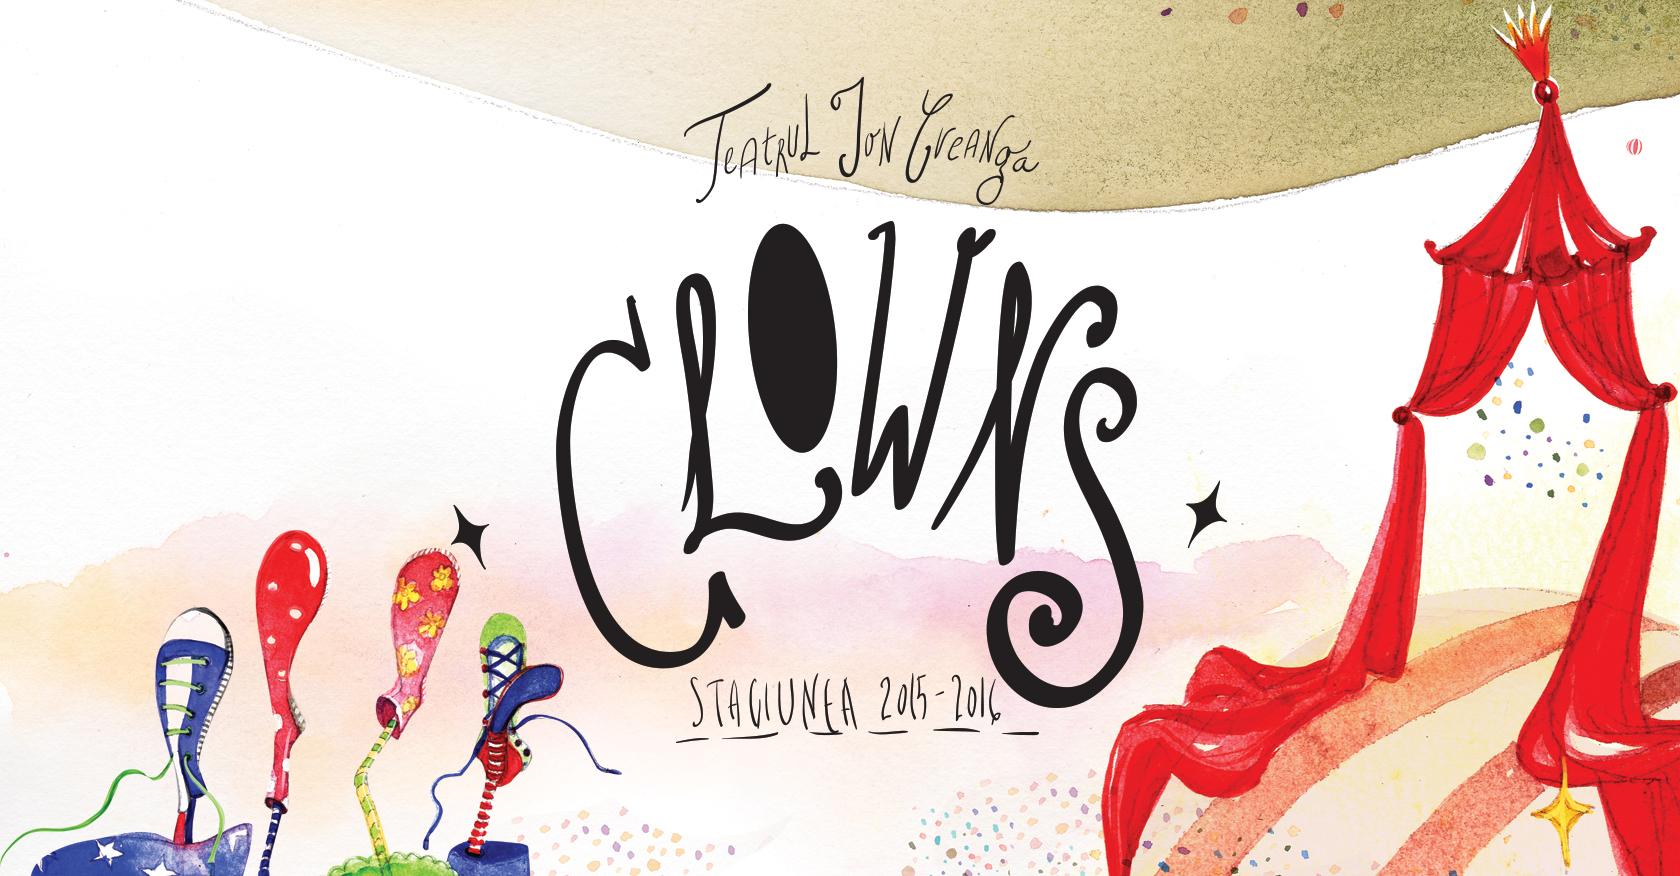 Clowns. Teatrul Ion Creangă